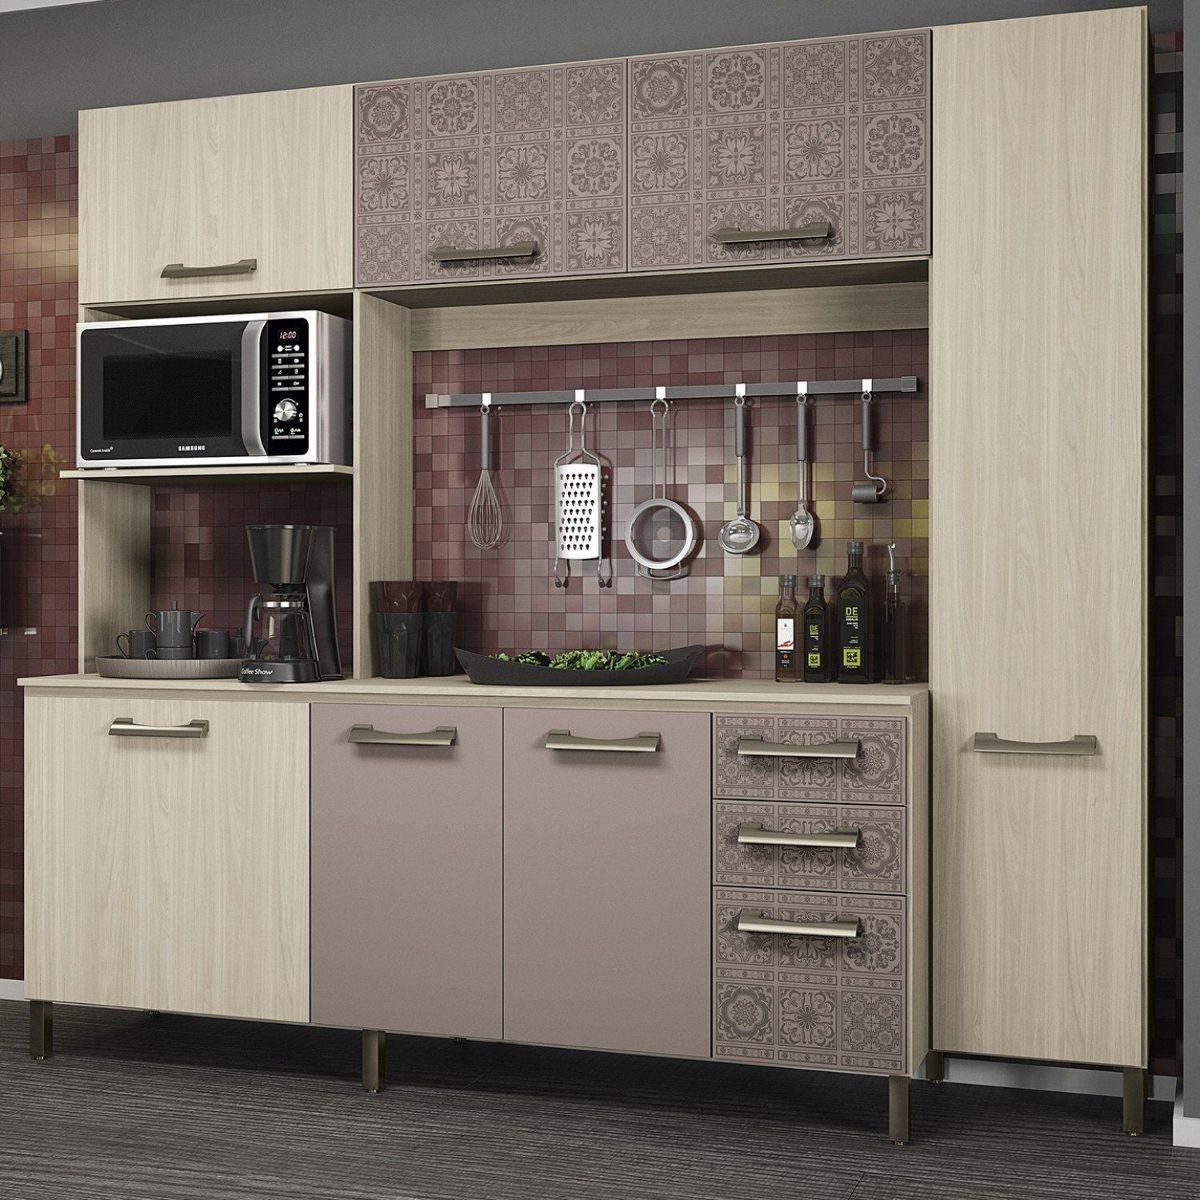 Cozinha Compacta E780 Sense Kappesberg Ic R 959 90 Em Mercado Livre